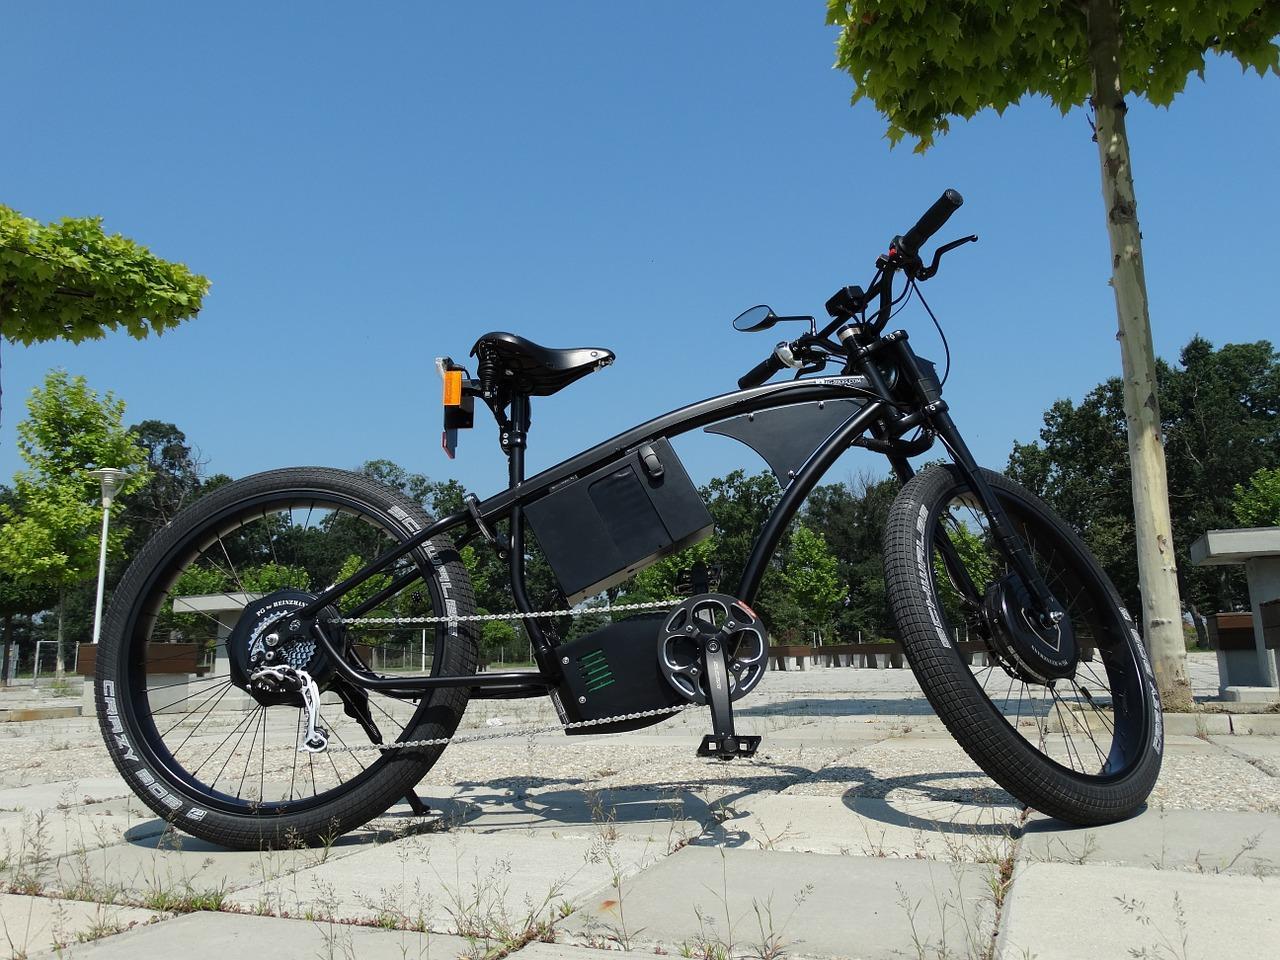 לא צריך להתפשר על איכות כשקונים אופניים חשמליות בזול